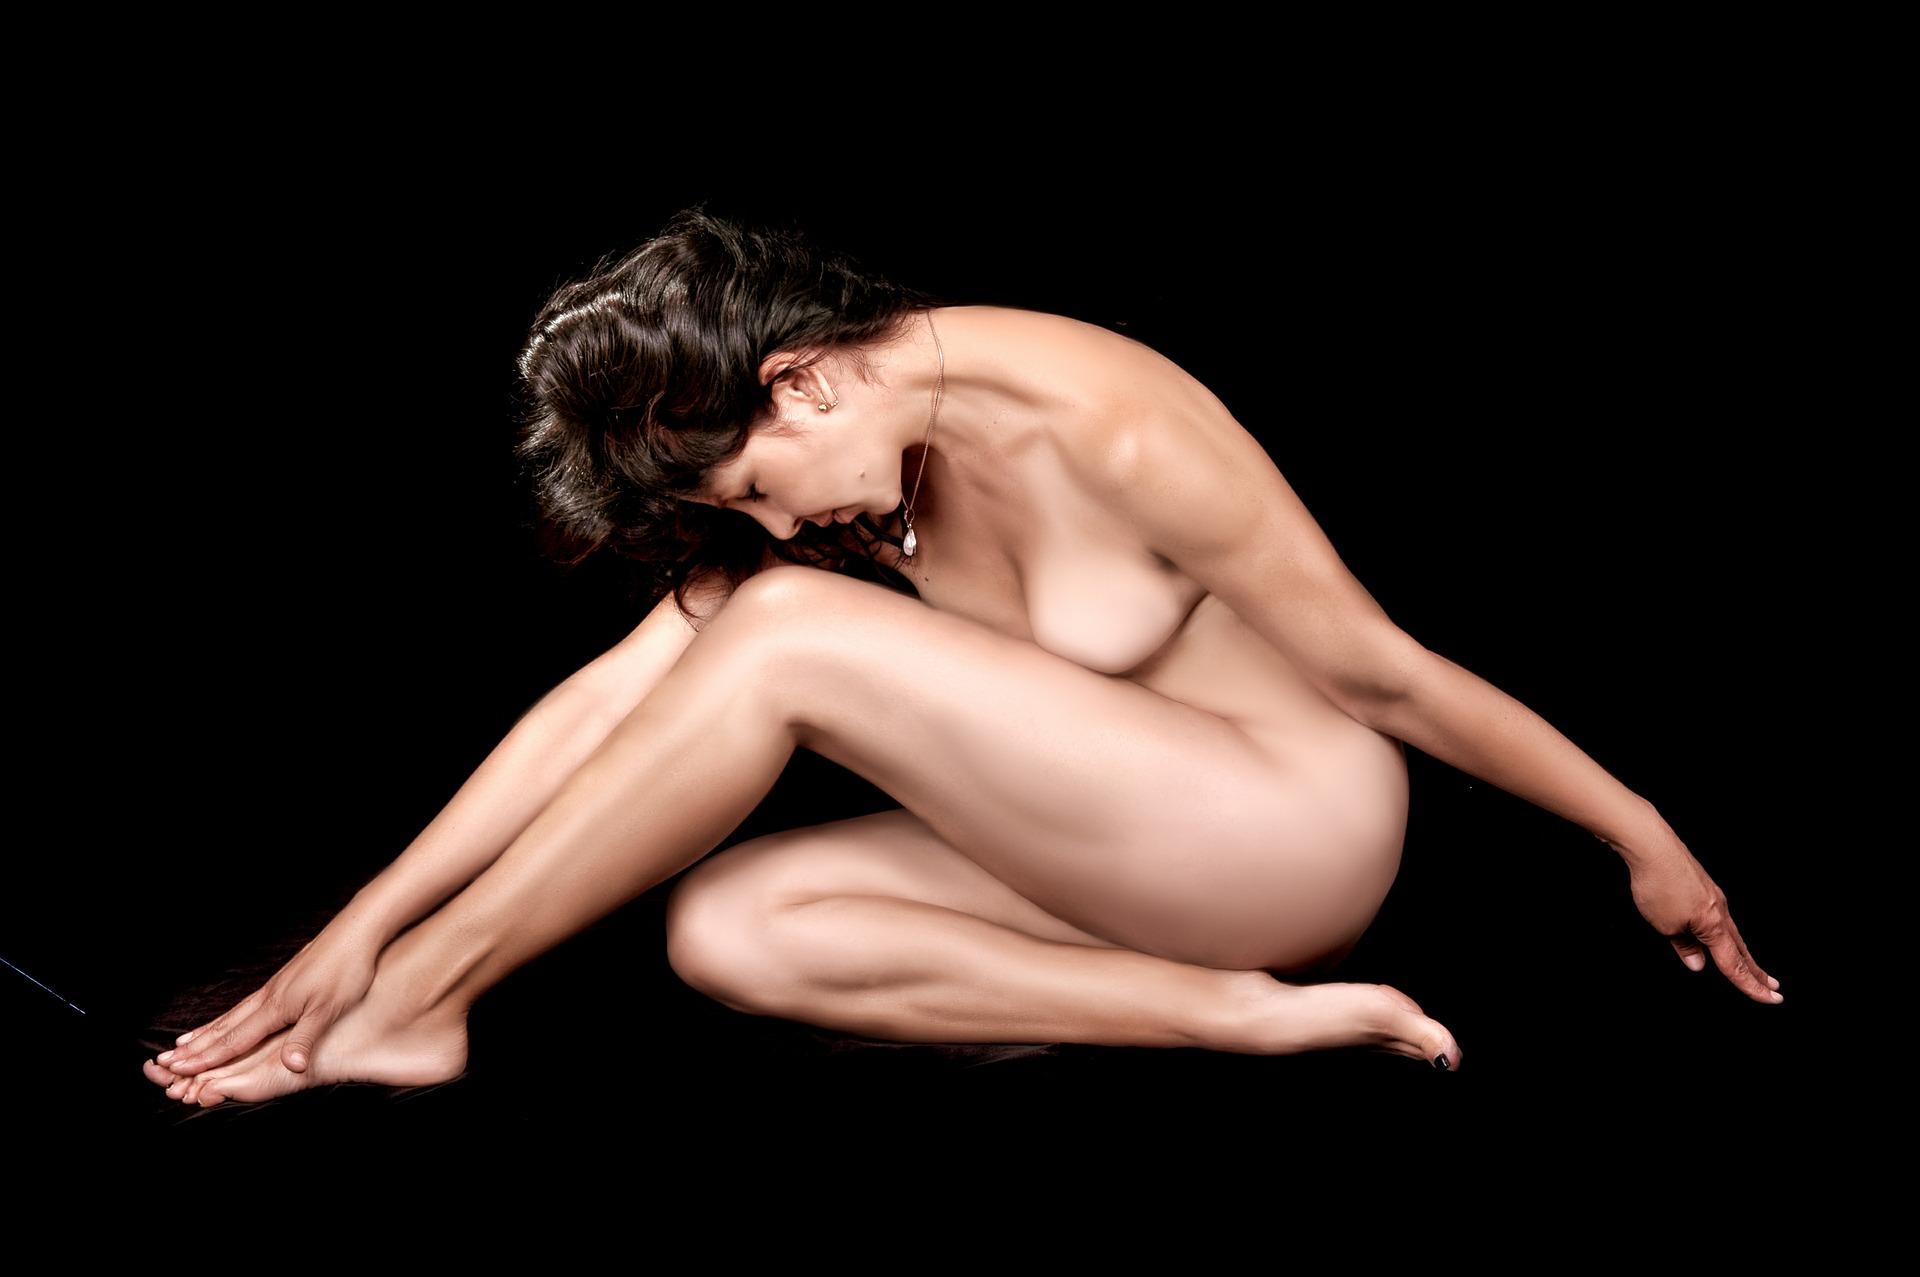 Bondage o Sadomaso? Tutto ciò che devi sapere sul BDSM